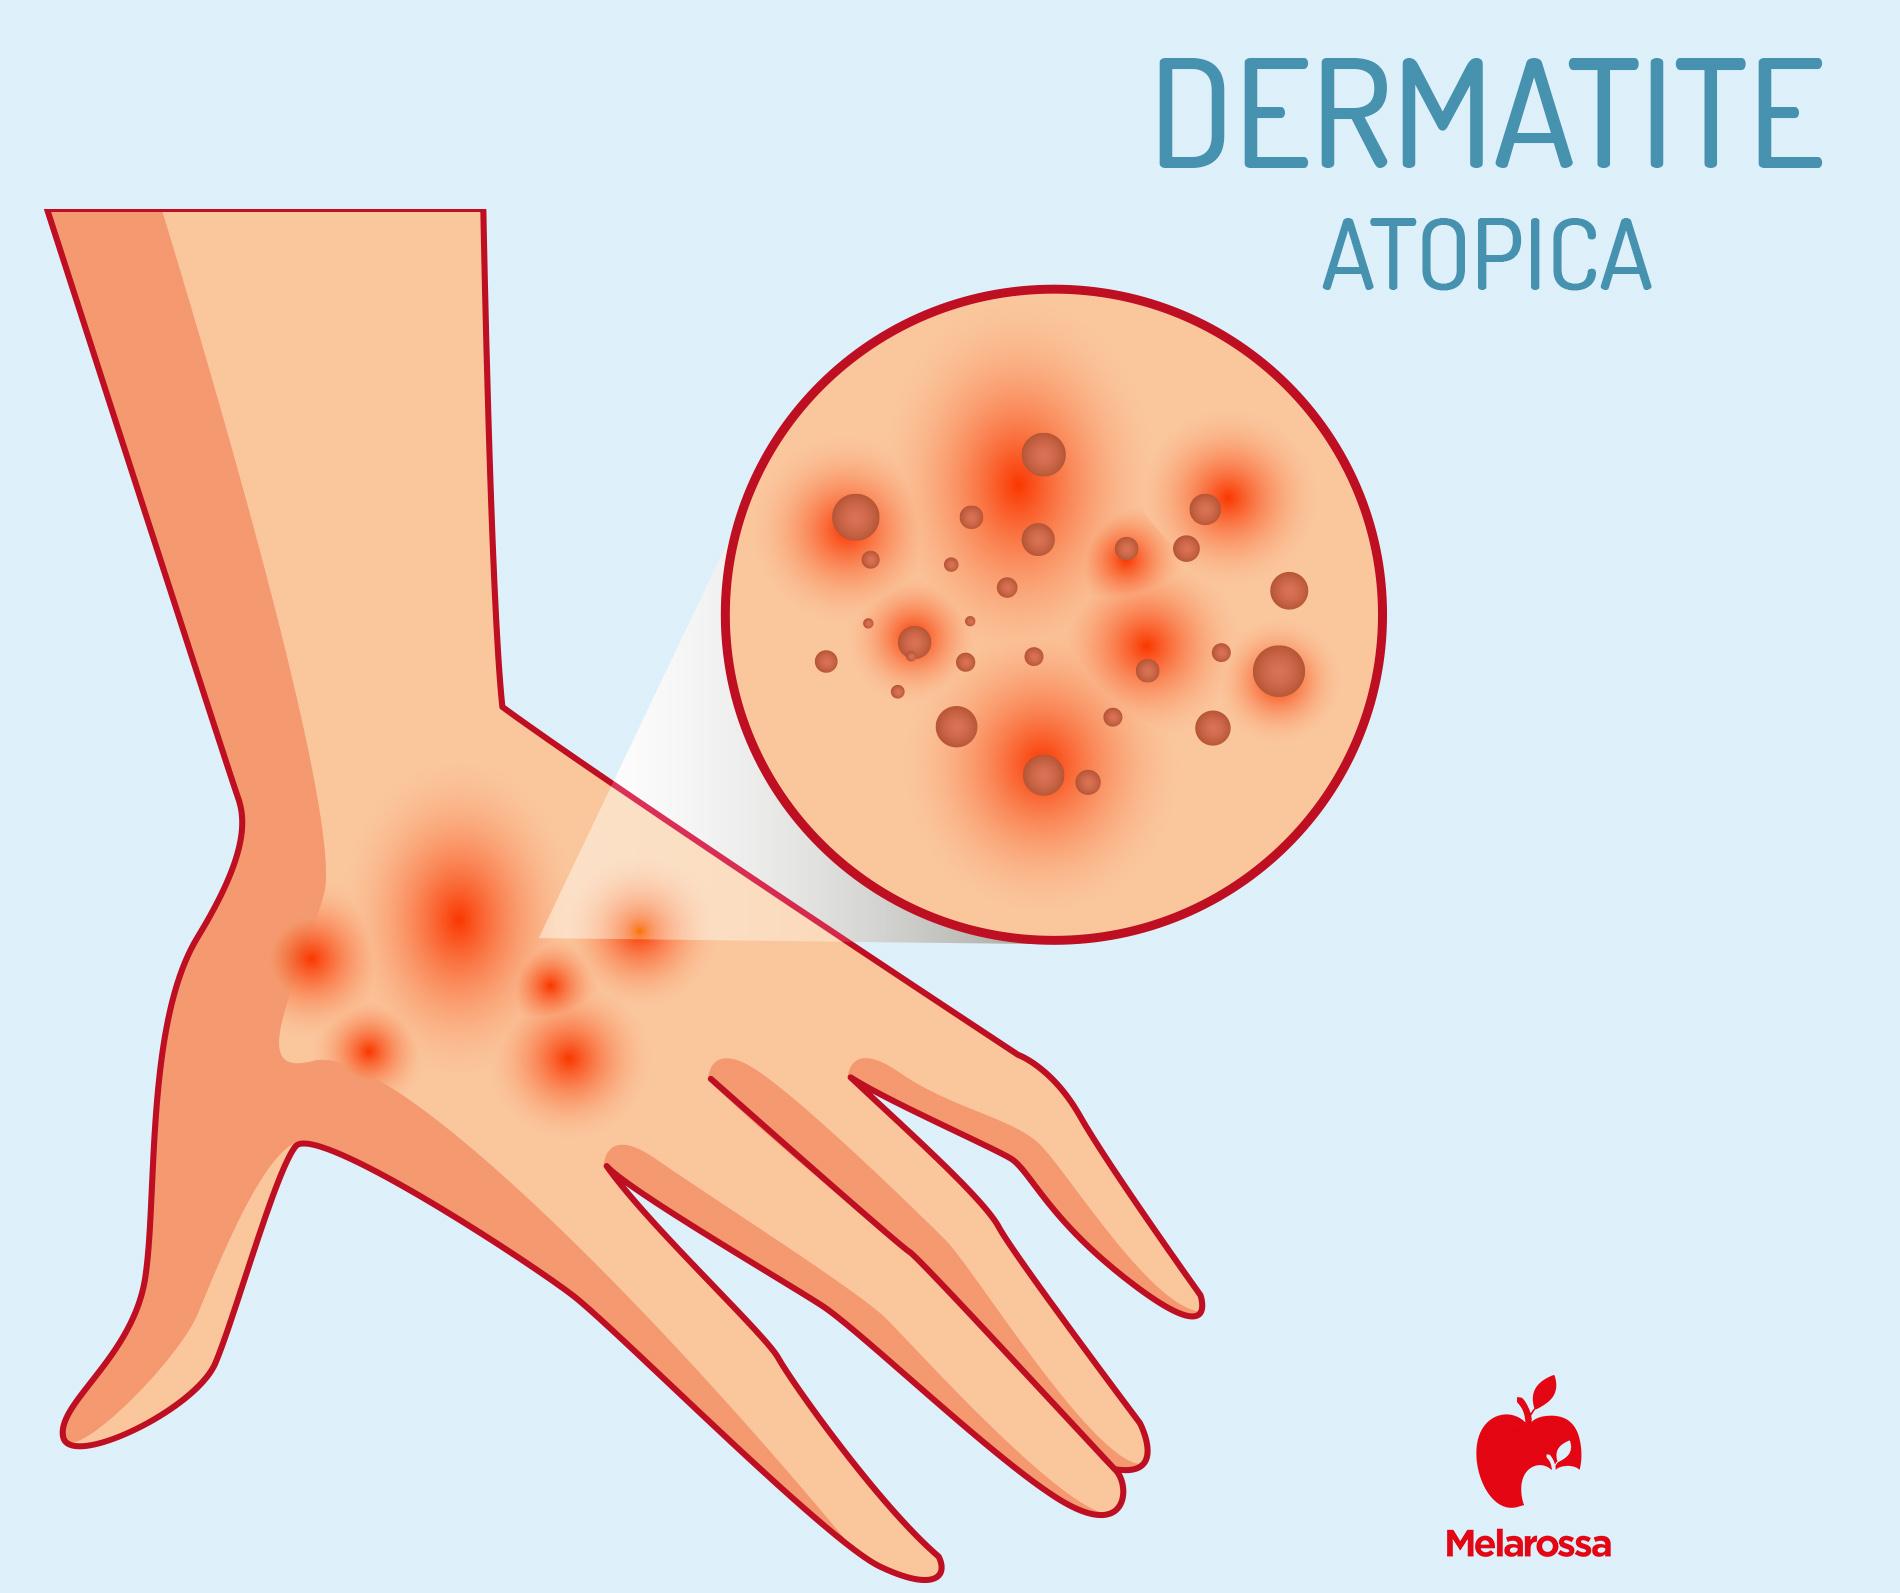 dermatite atopica delle mani